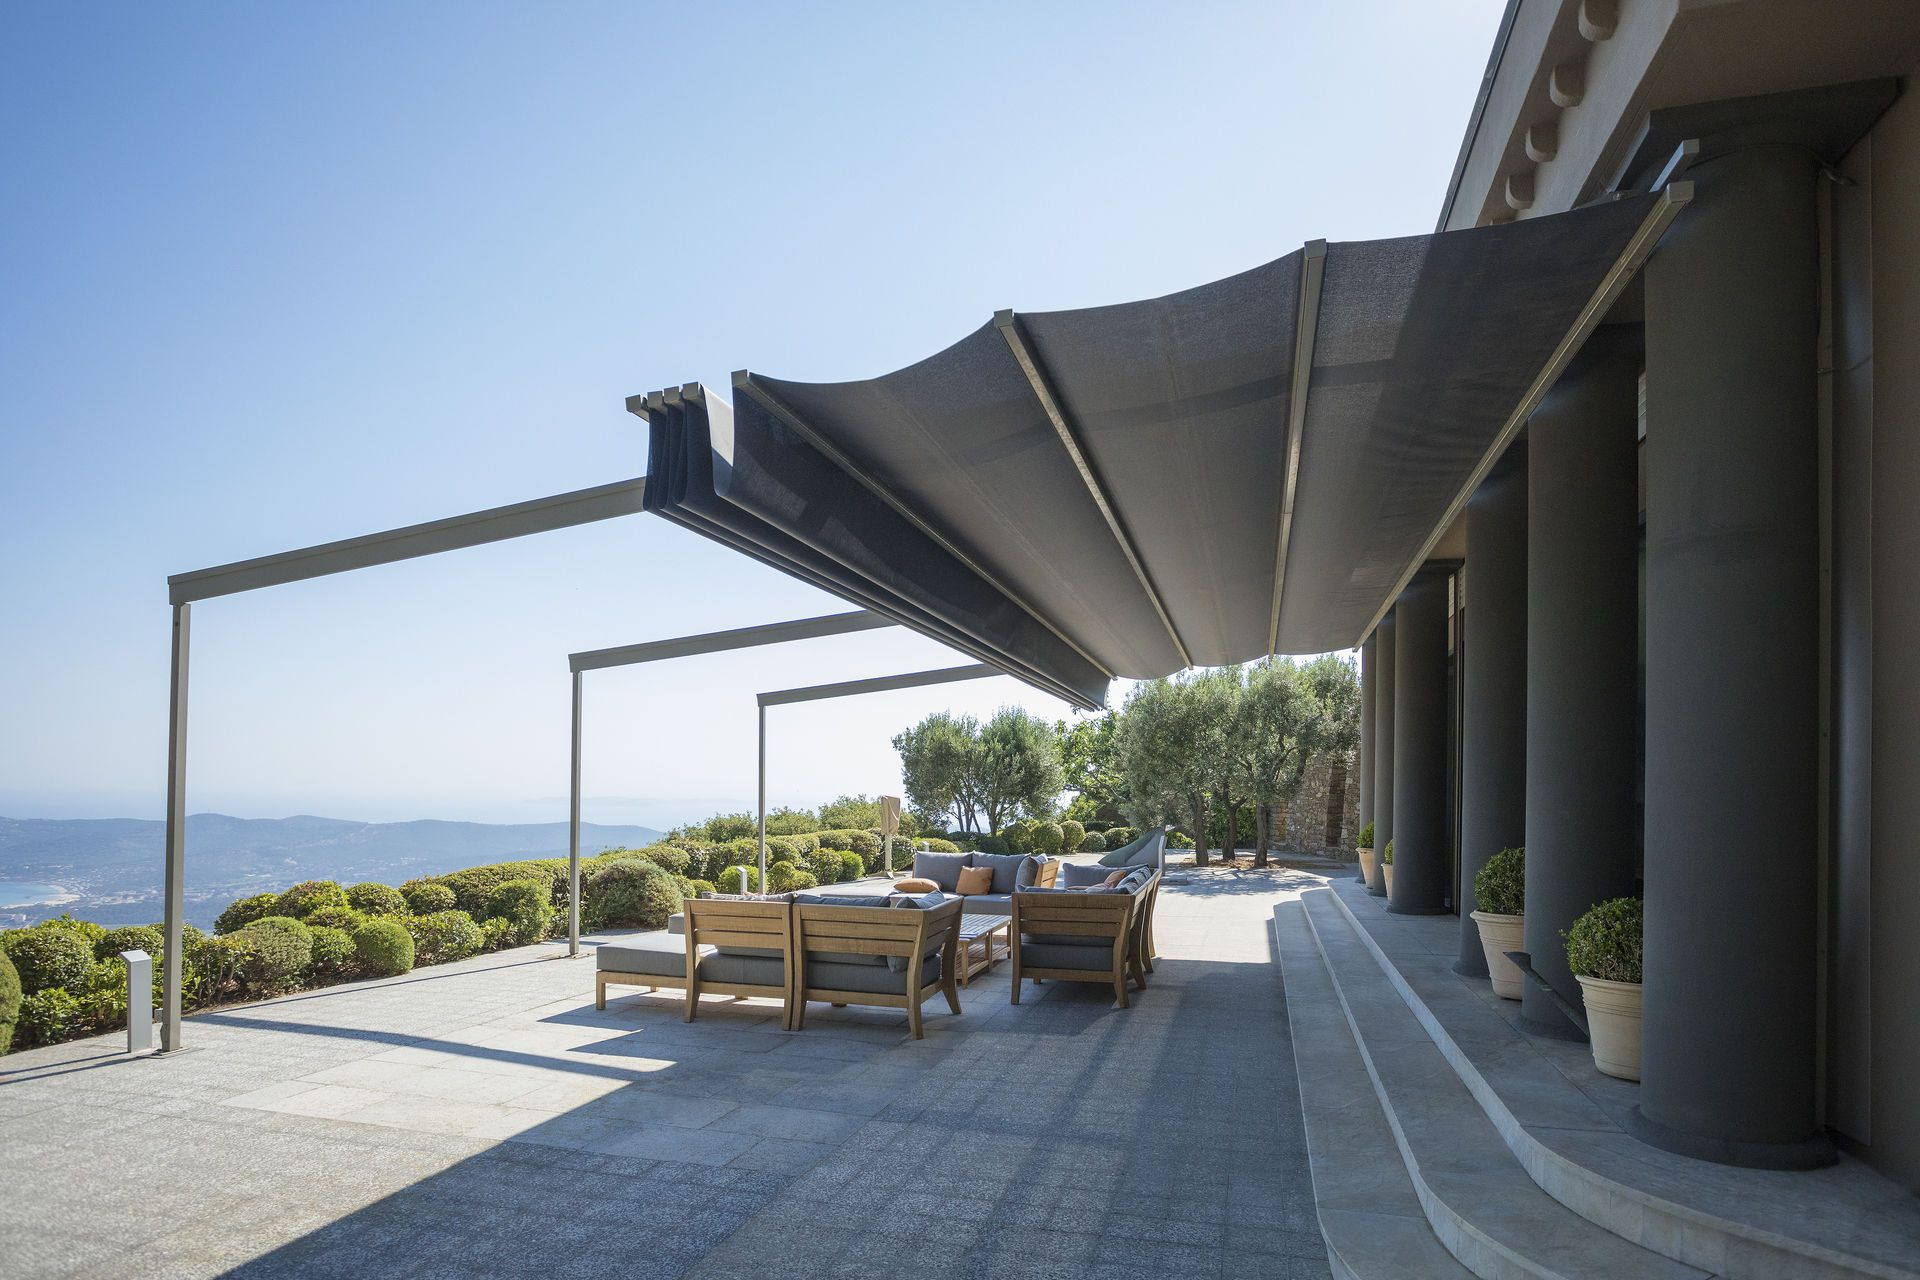 Sonnenschutz für Terrasse und Balkon aus Verbundmembranen   Serge ...